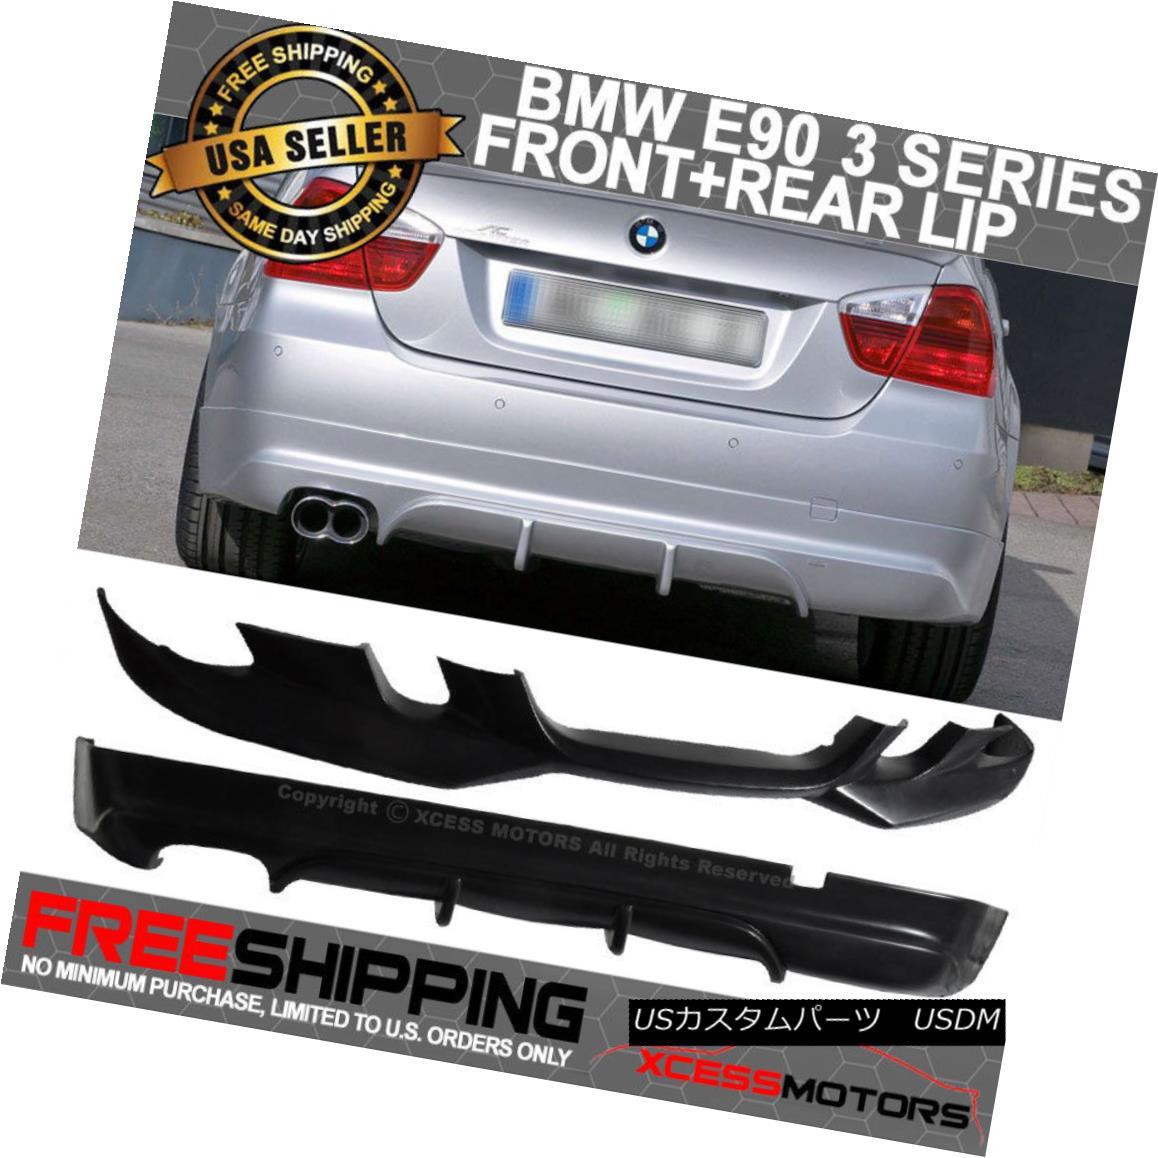 エアロパーツ Fits 06-08 BMW E90 AC-S Style PU Front + Rear Bumper Lip Spoiler Poly-Urethane フィット06-08 BMW E90 AC-SスタイルPUフロント+リアバンパーリップスポイラーポリウレタン